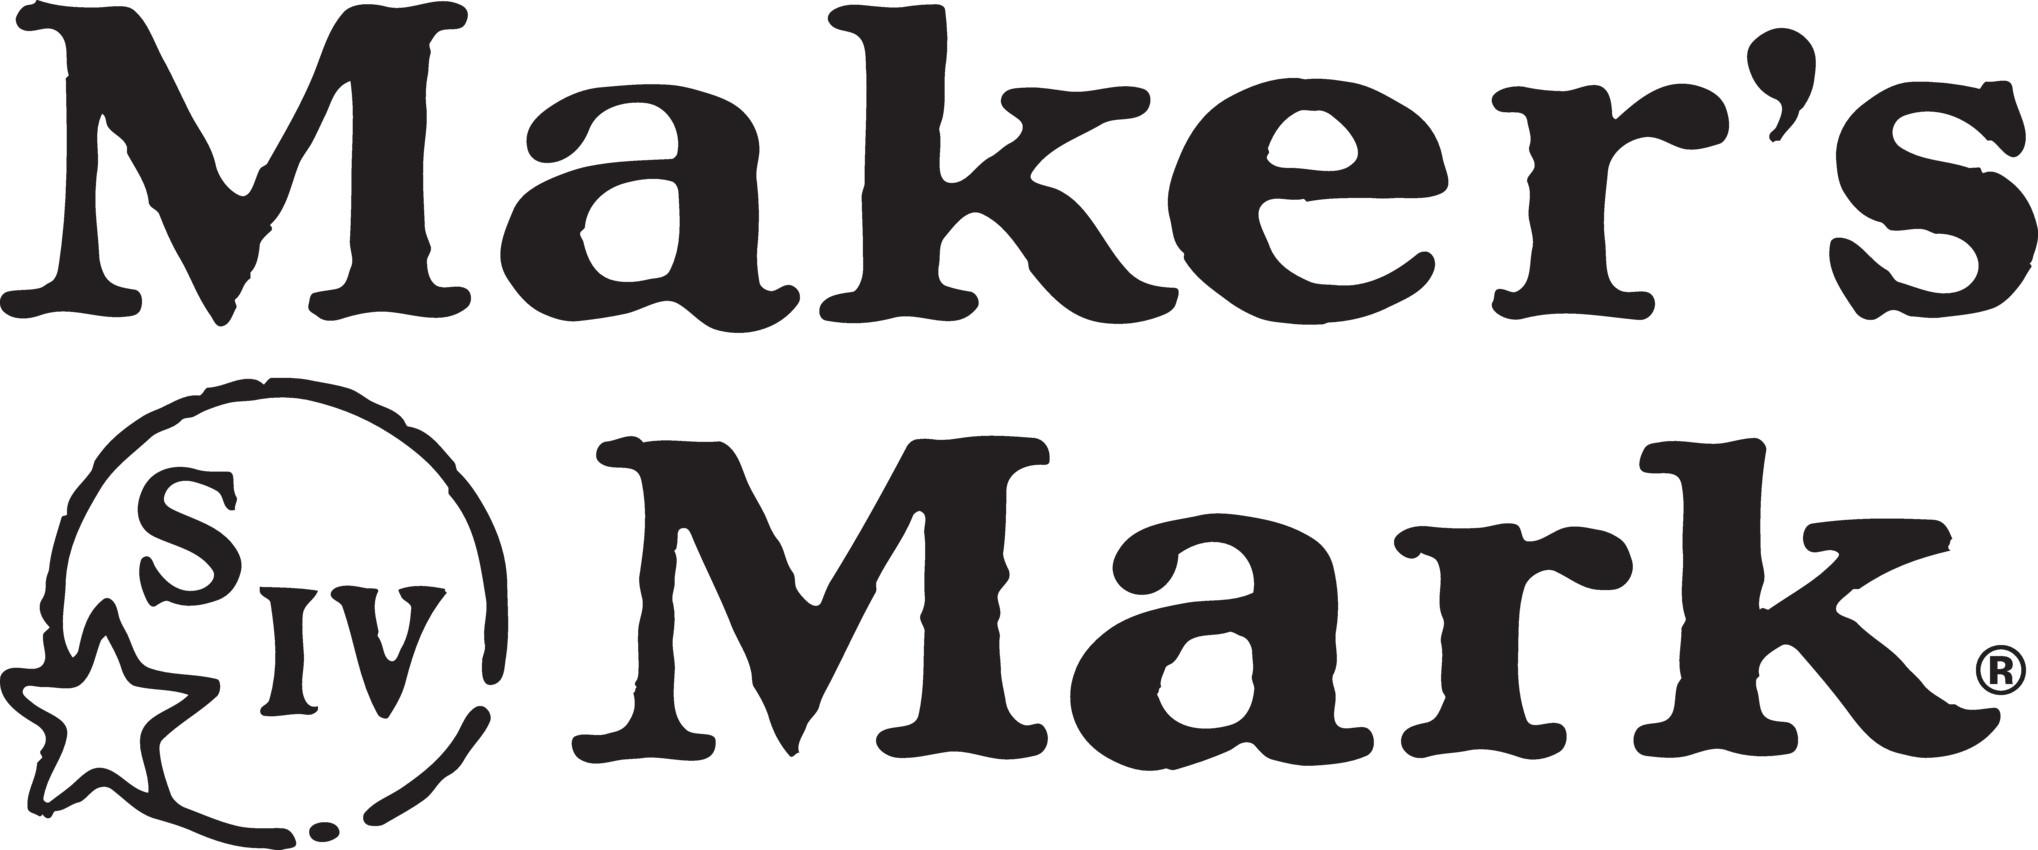 Maker's Mark logo.jpg